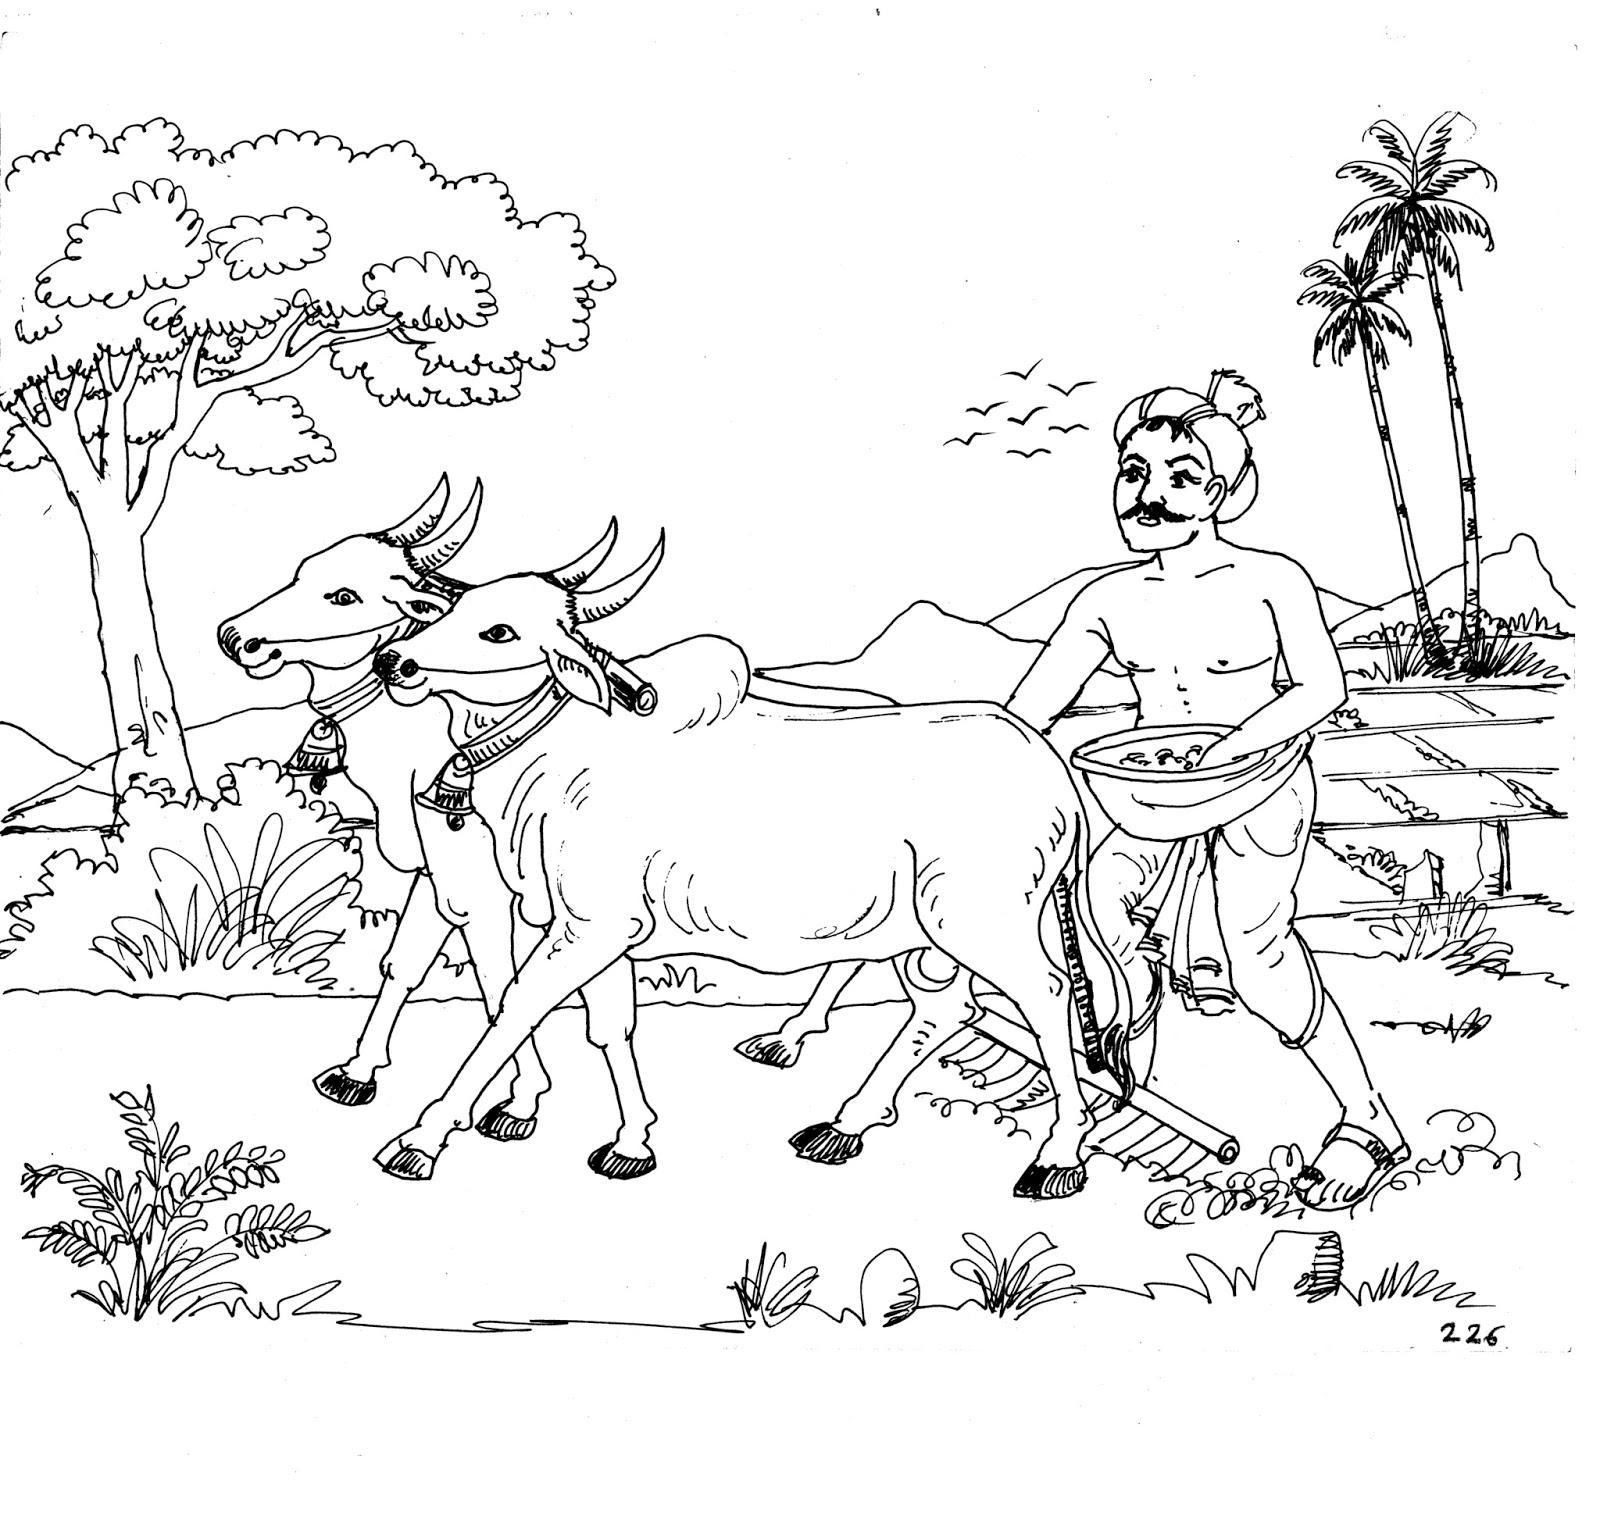 Tranh tô màu bác nông dân chăn trâu